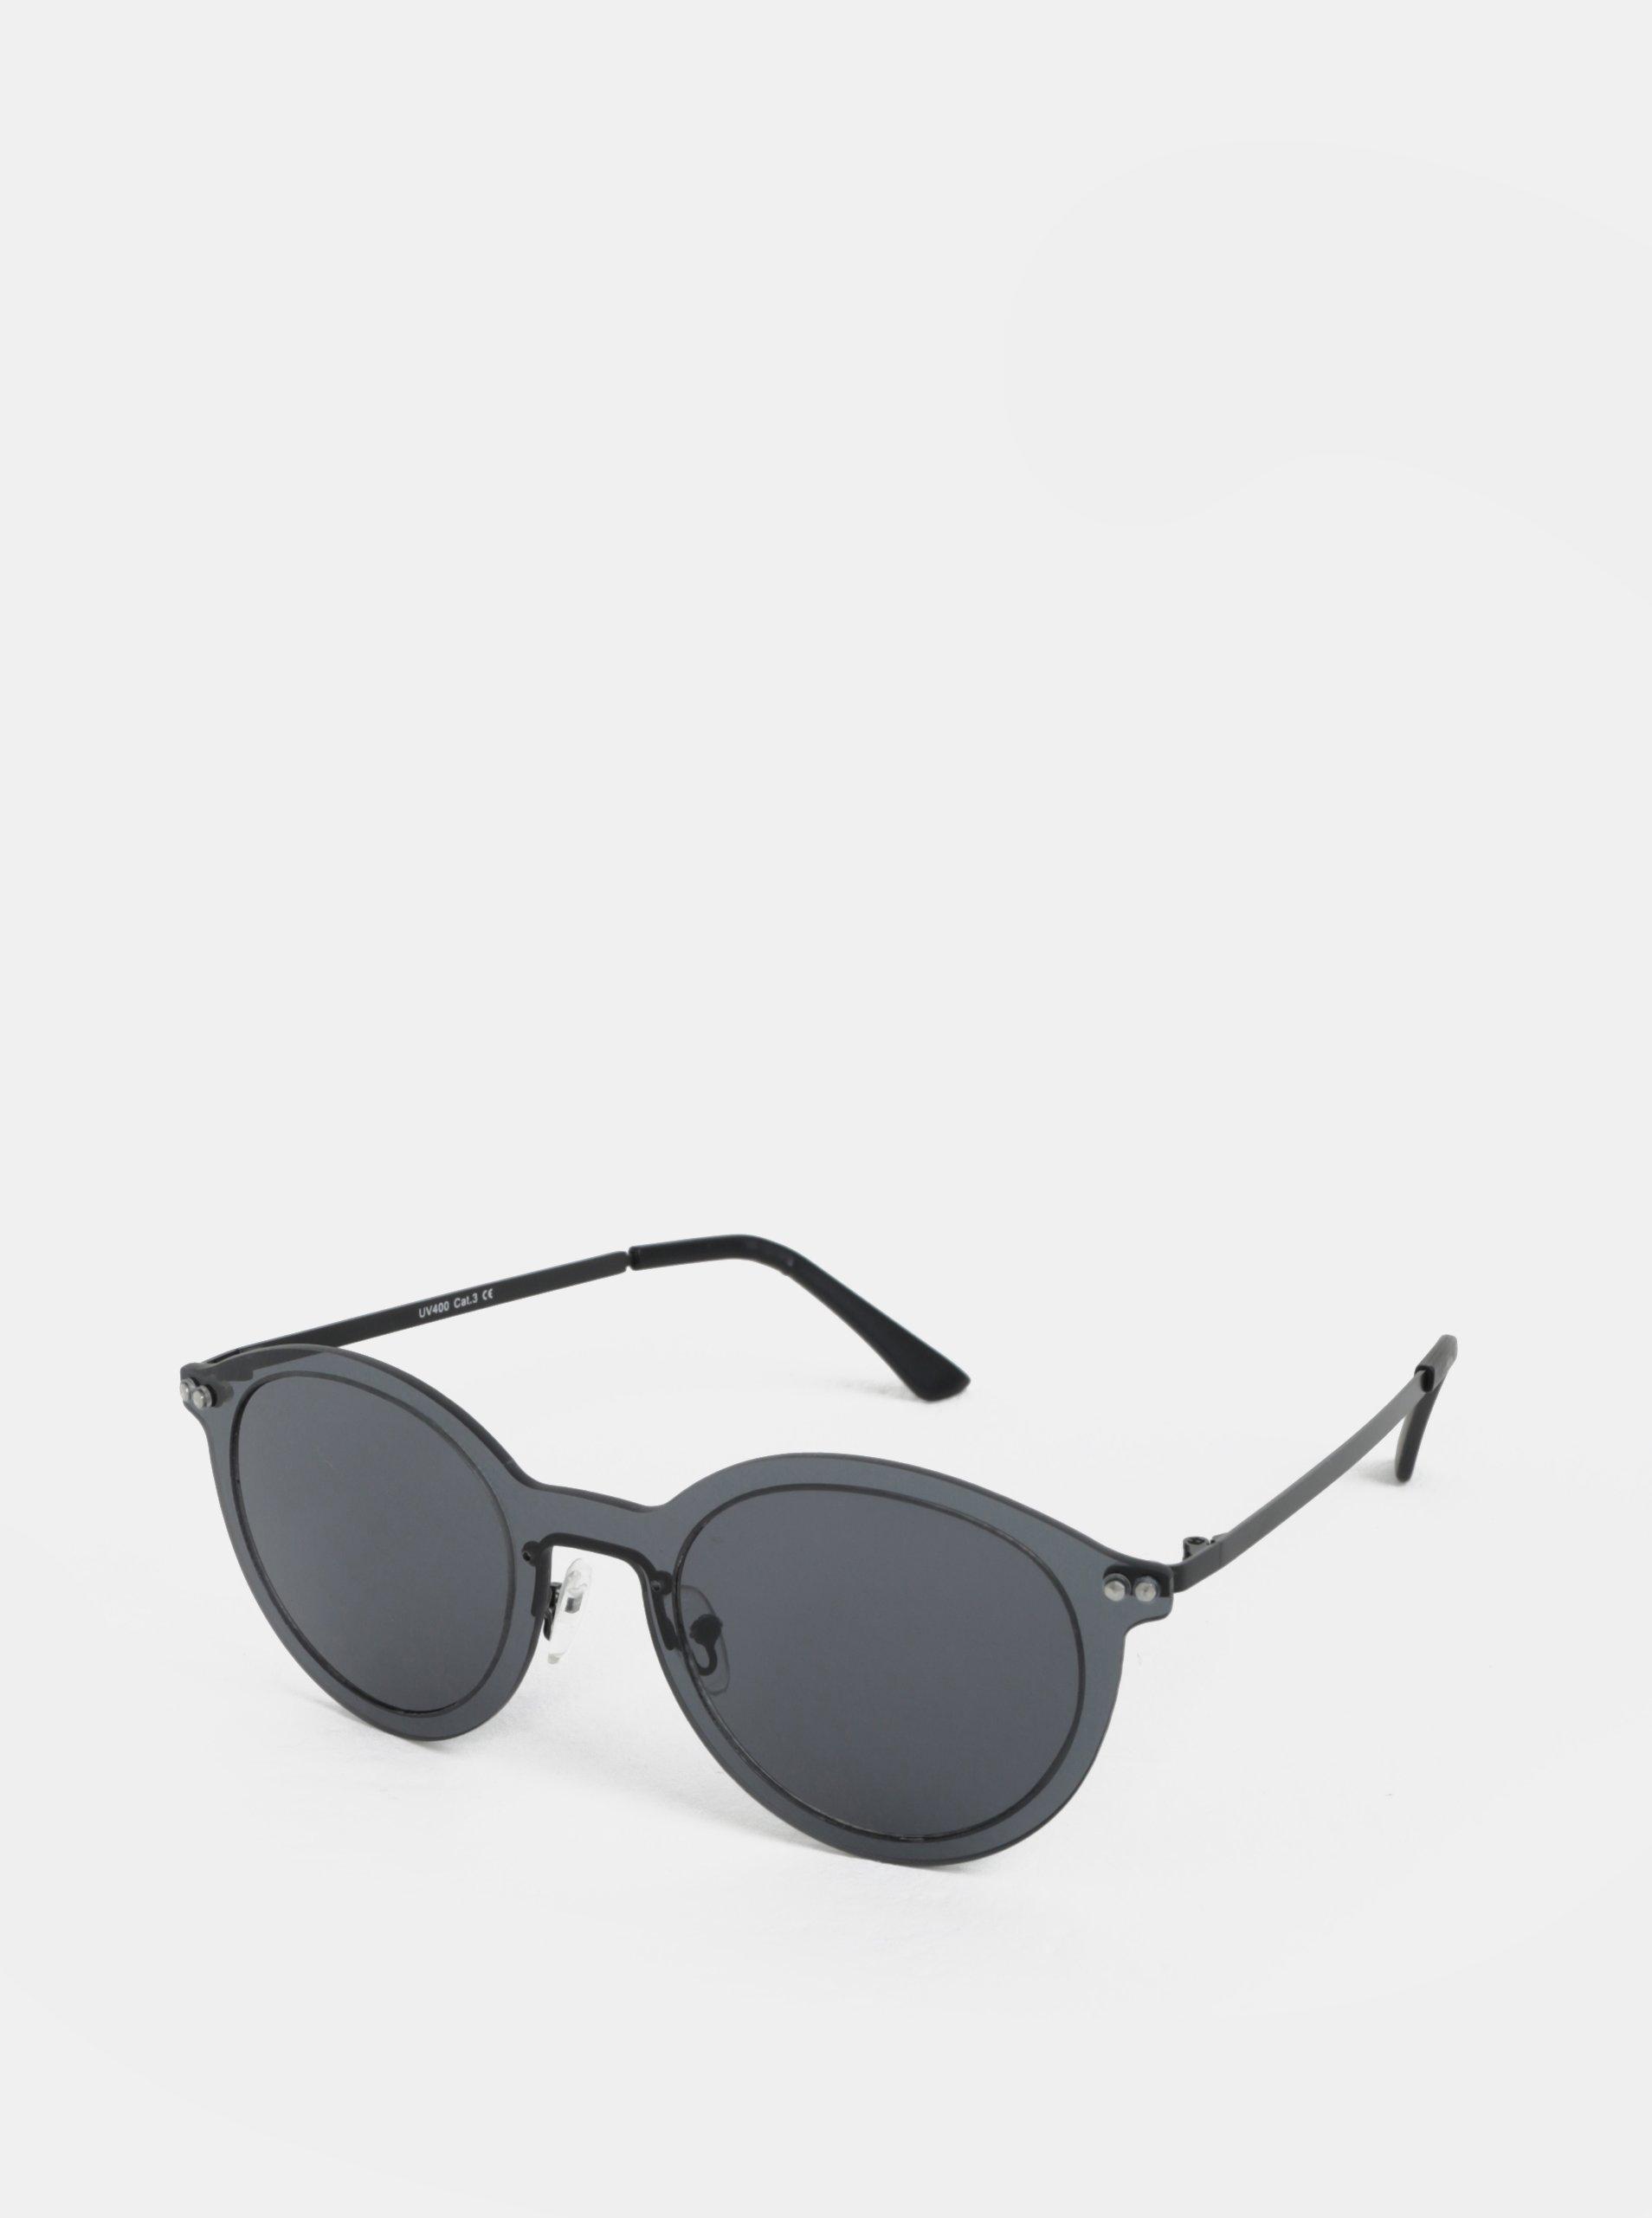 Čierne ľahké slnečné okuliare ONLY   SONS Display  21904642b77